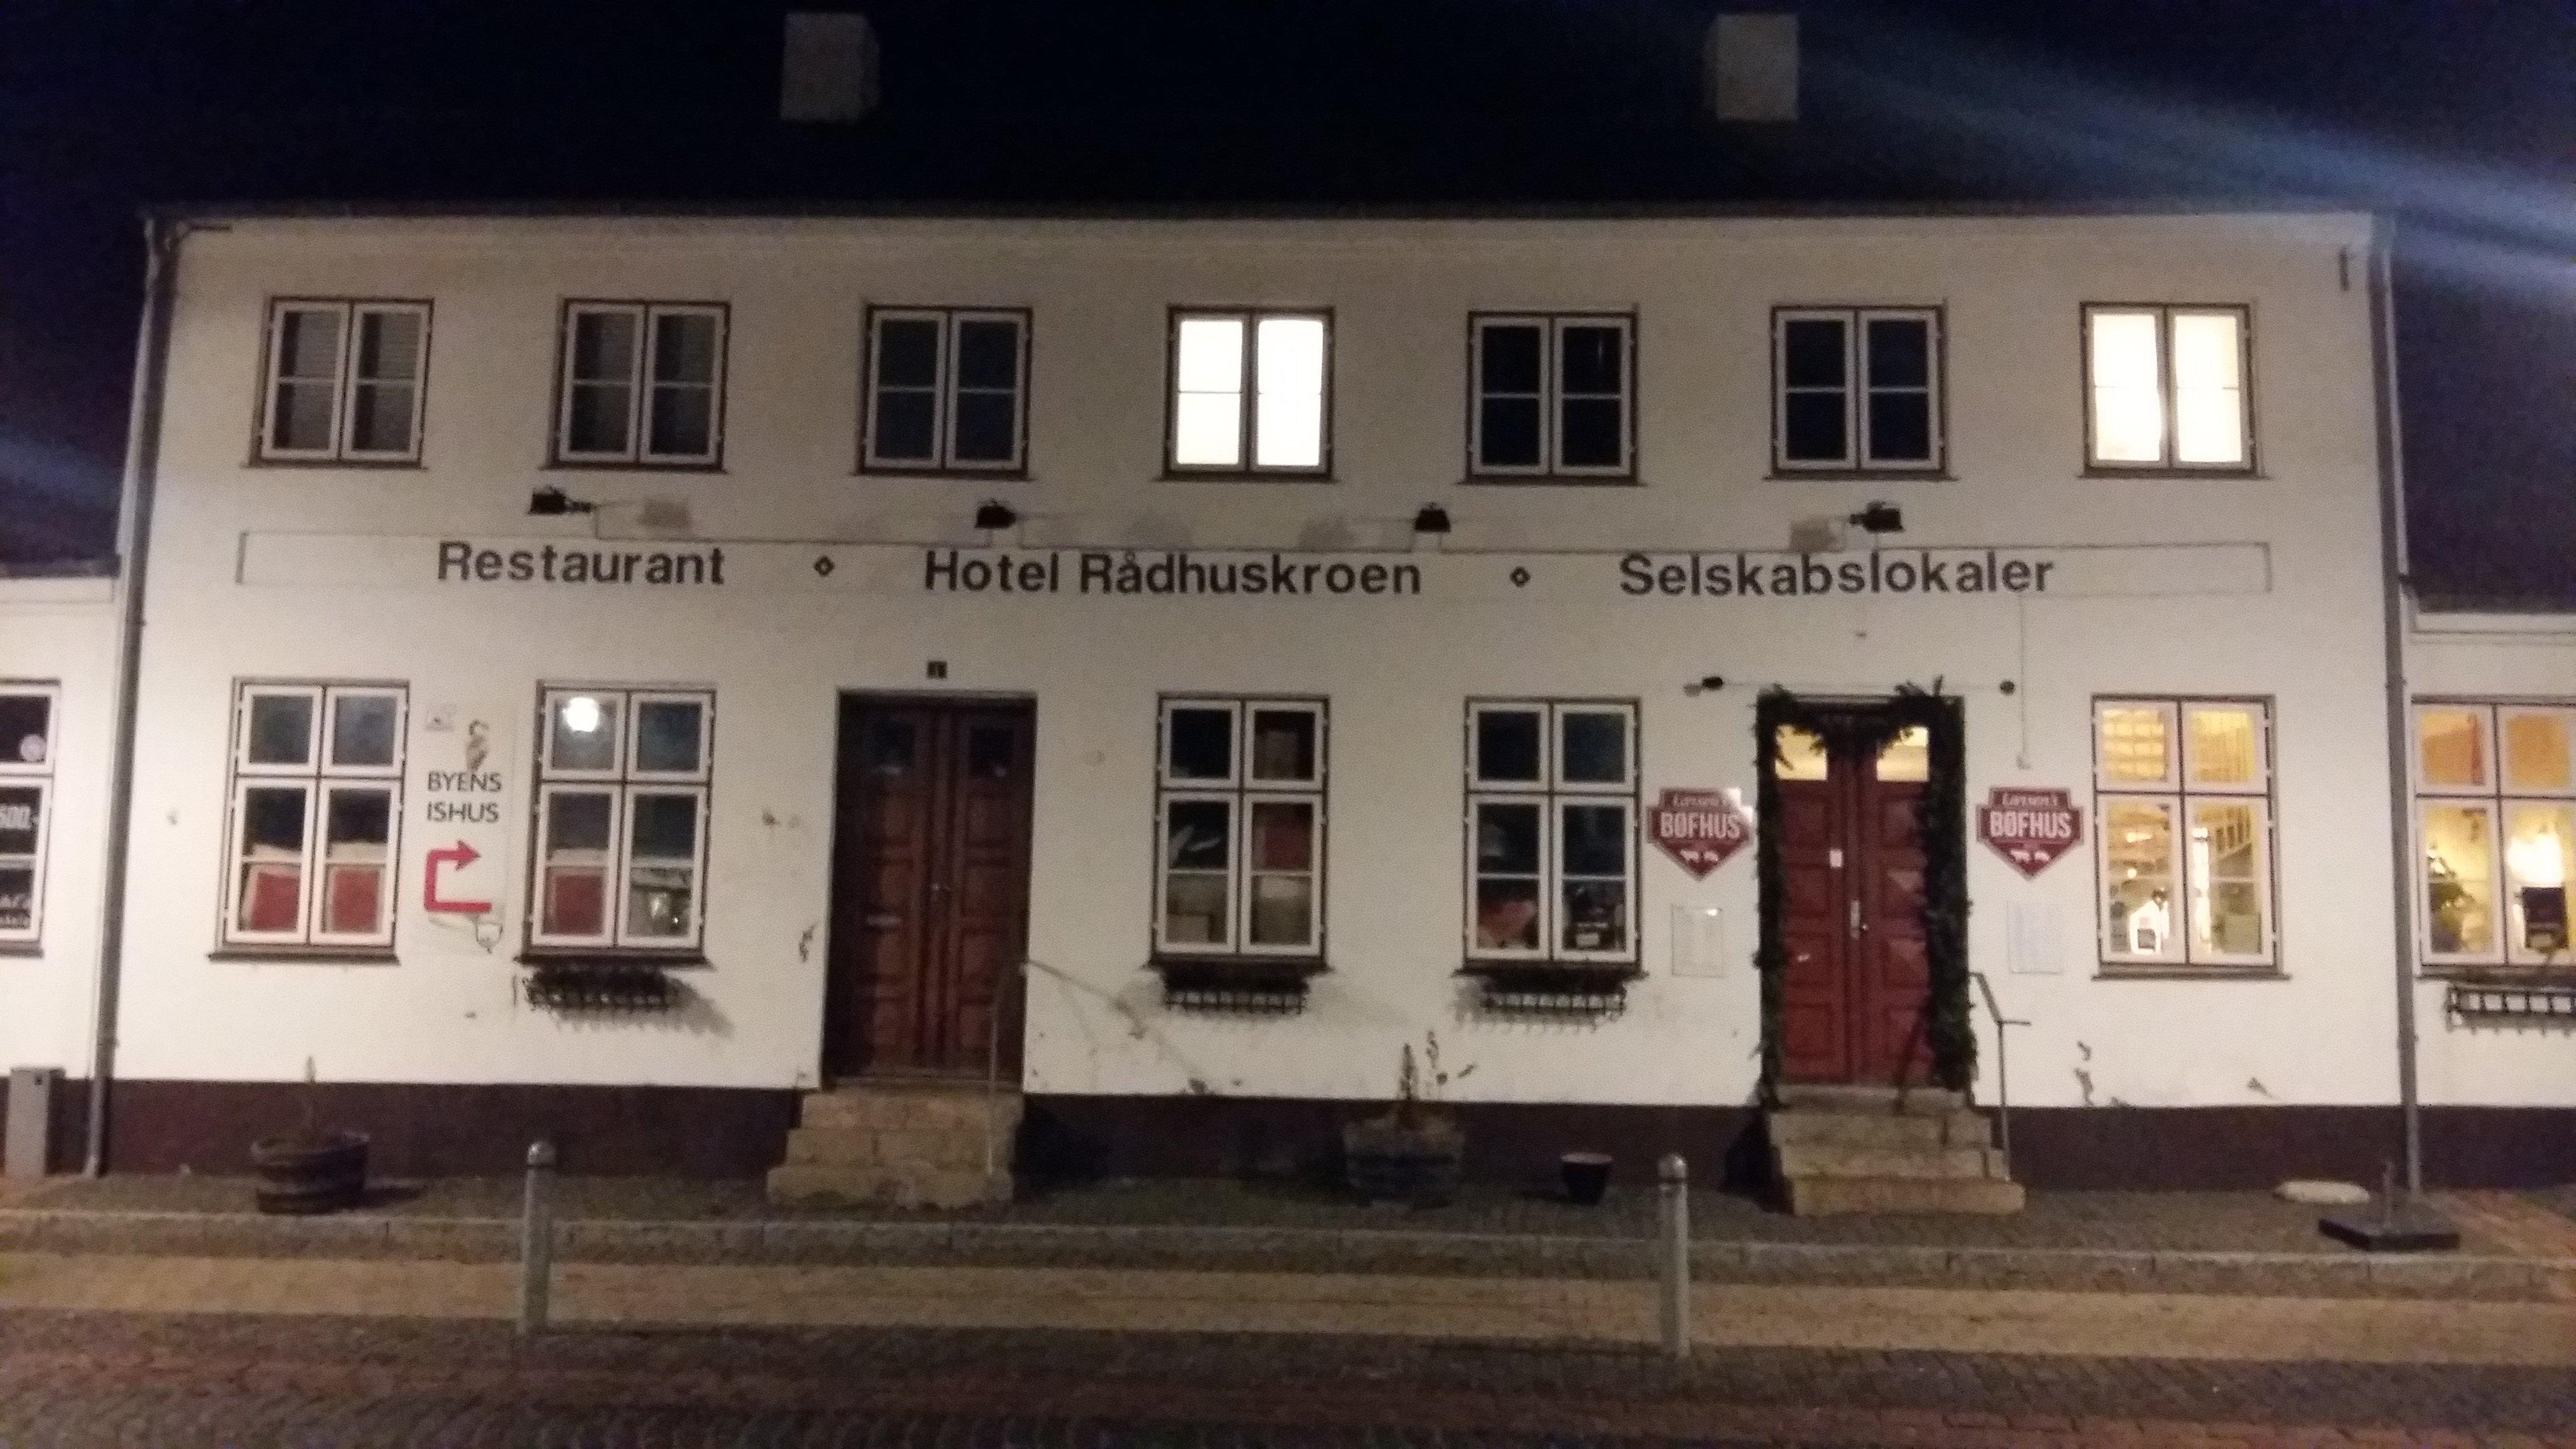 Hotel Radhuskroen